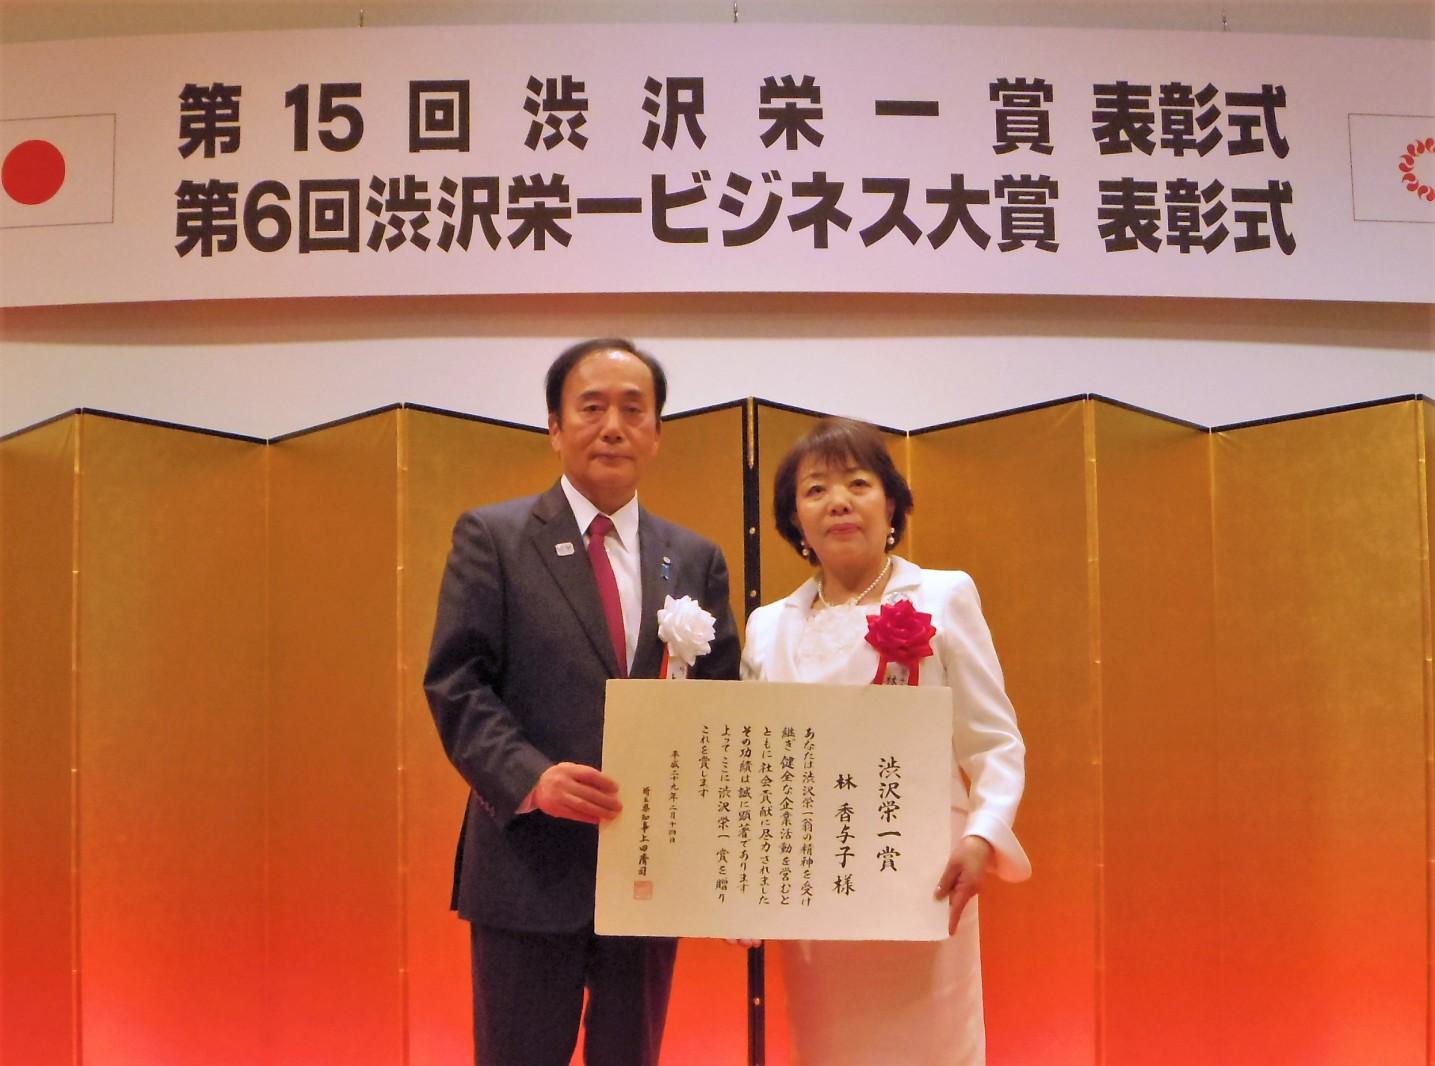 渋沢栄一賞の栄誉に輝いた林香与子氏、レンコンひと筋、「信用を大切に、ご恩に報い地域貢献、社会貢献」